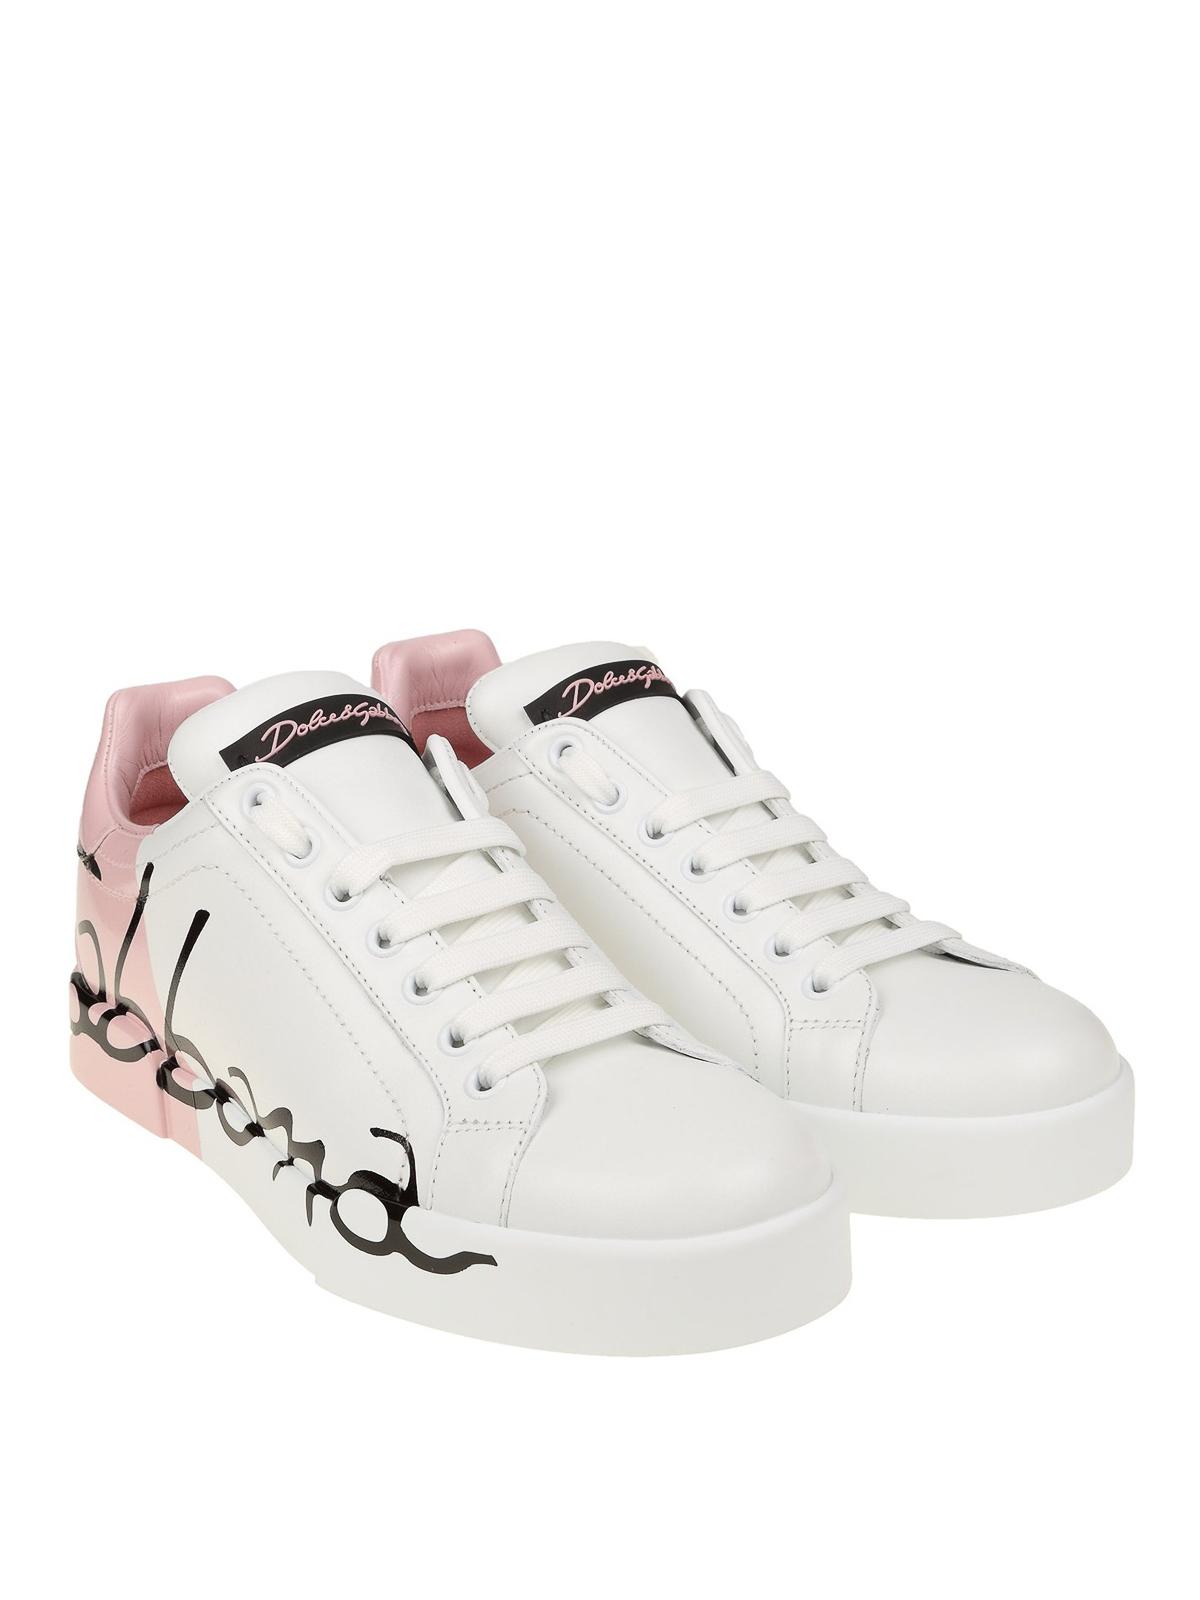 Dolce \u0026 Gabbana - Portofino white and